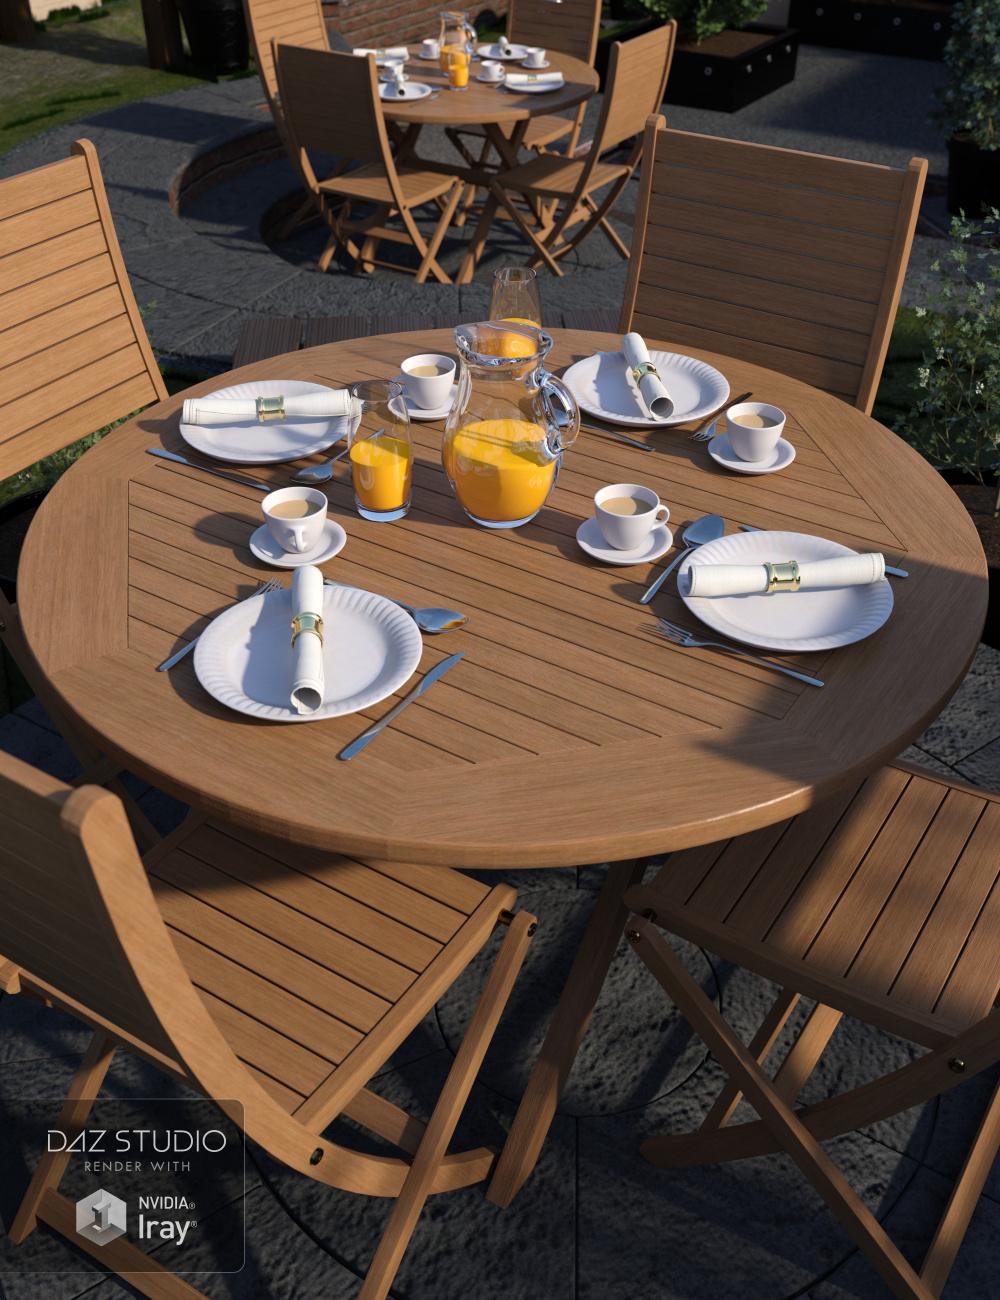 Patio Dining by: Merlin Studios, 3D Models by Daz 3D